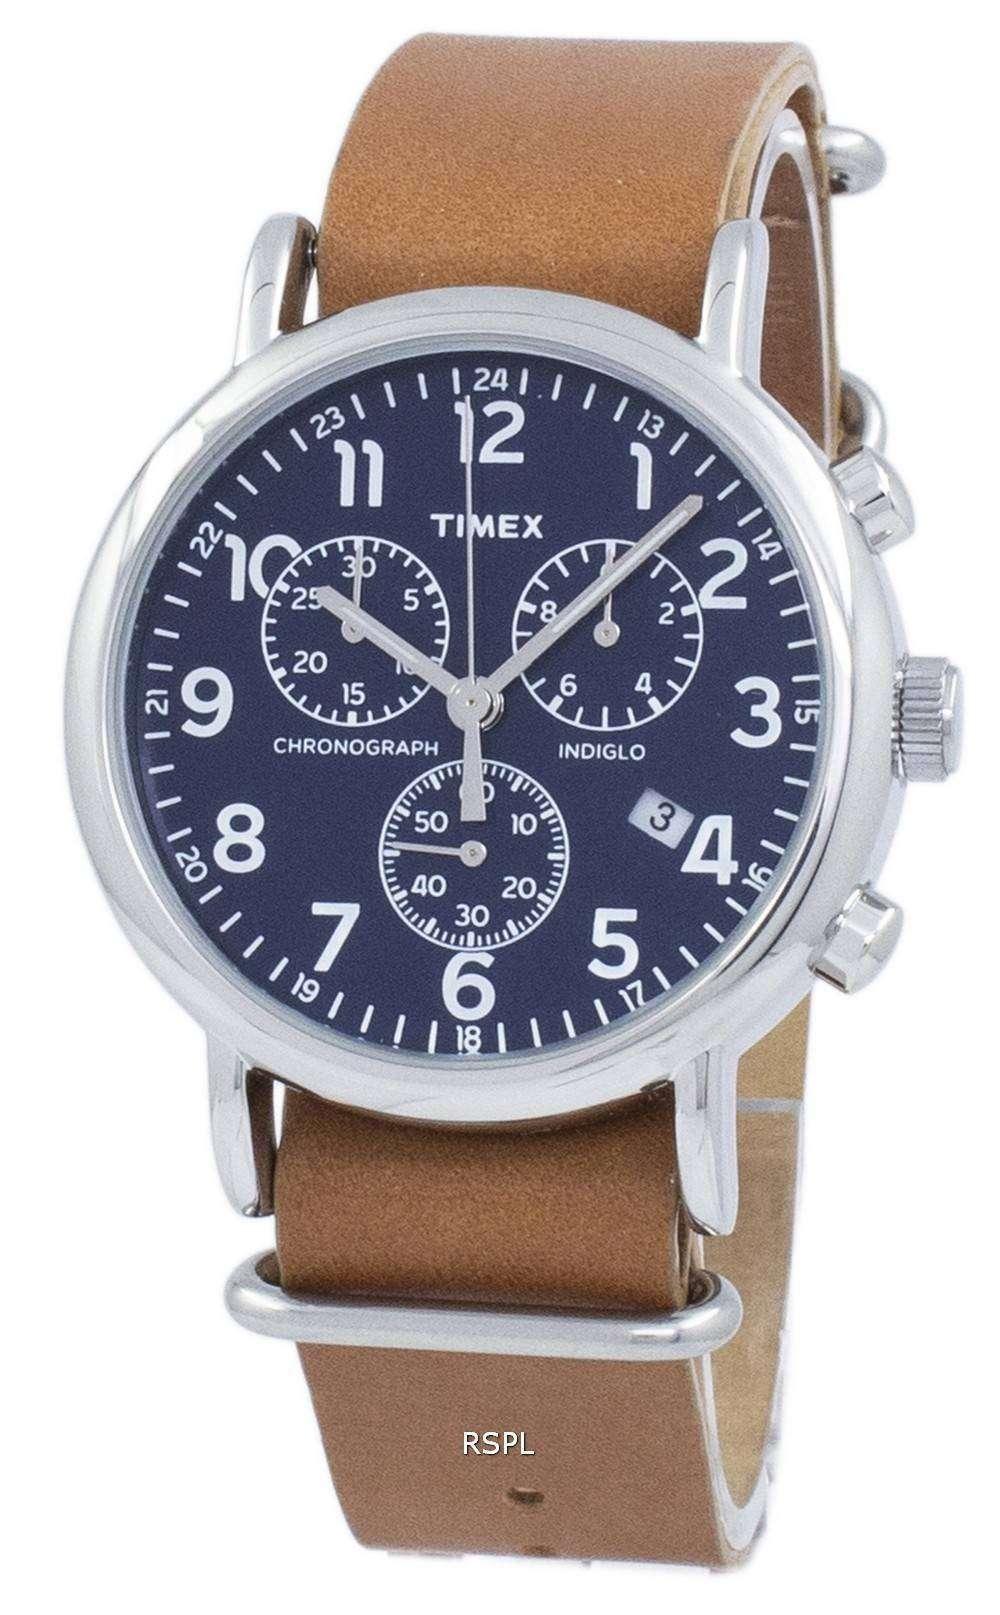 タイメックス ウィークエンダー Indiglo クロノグラフ クォーツ TW2P62300 メンズ腕時計